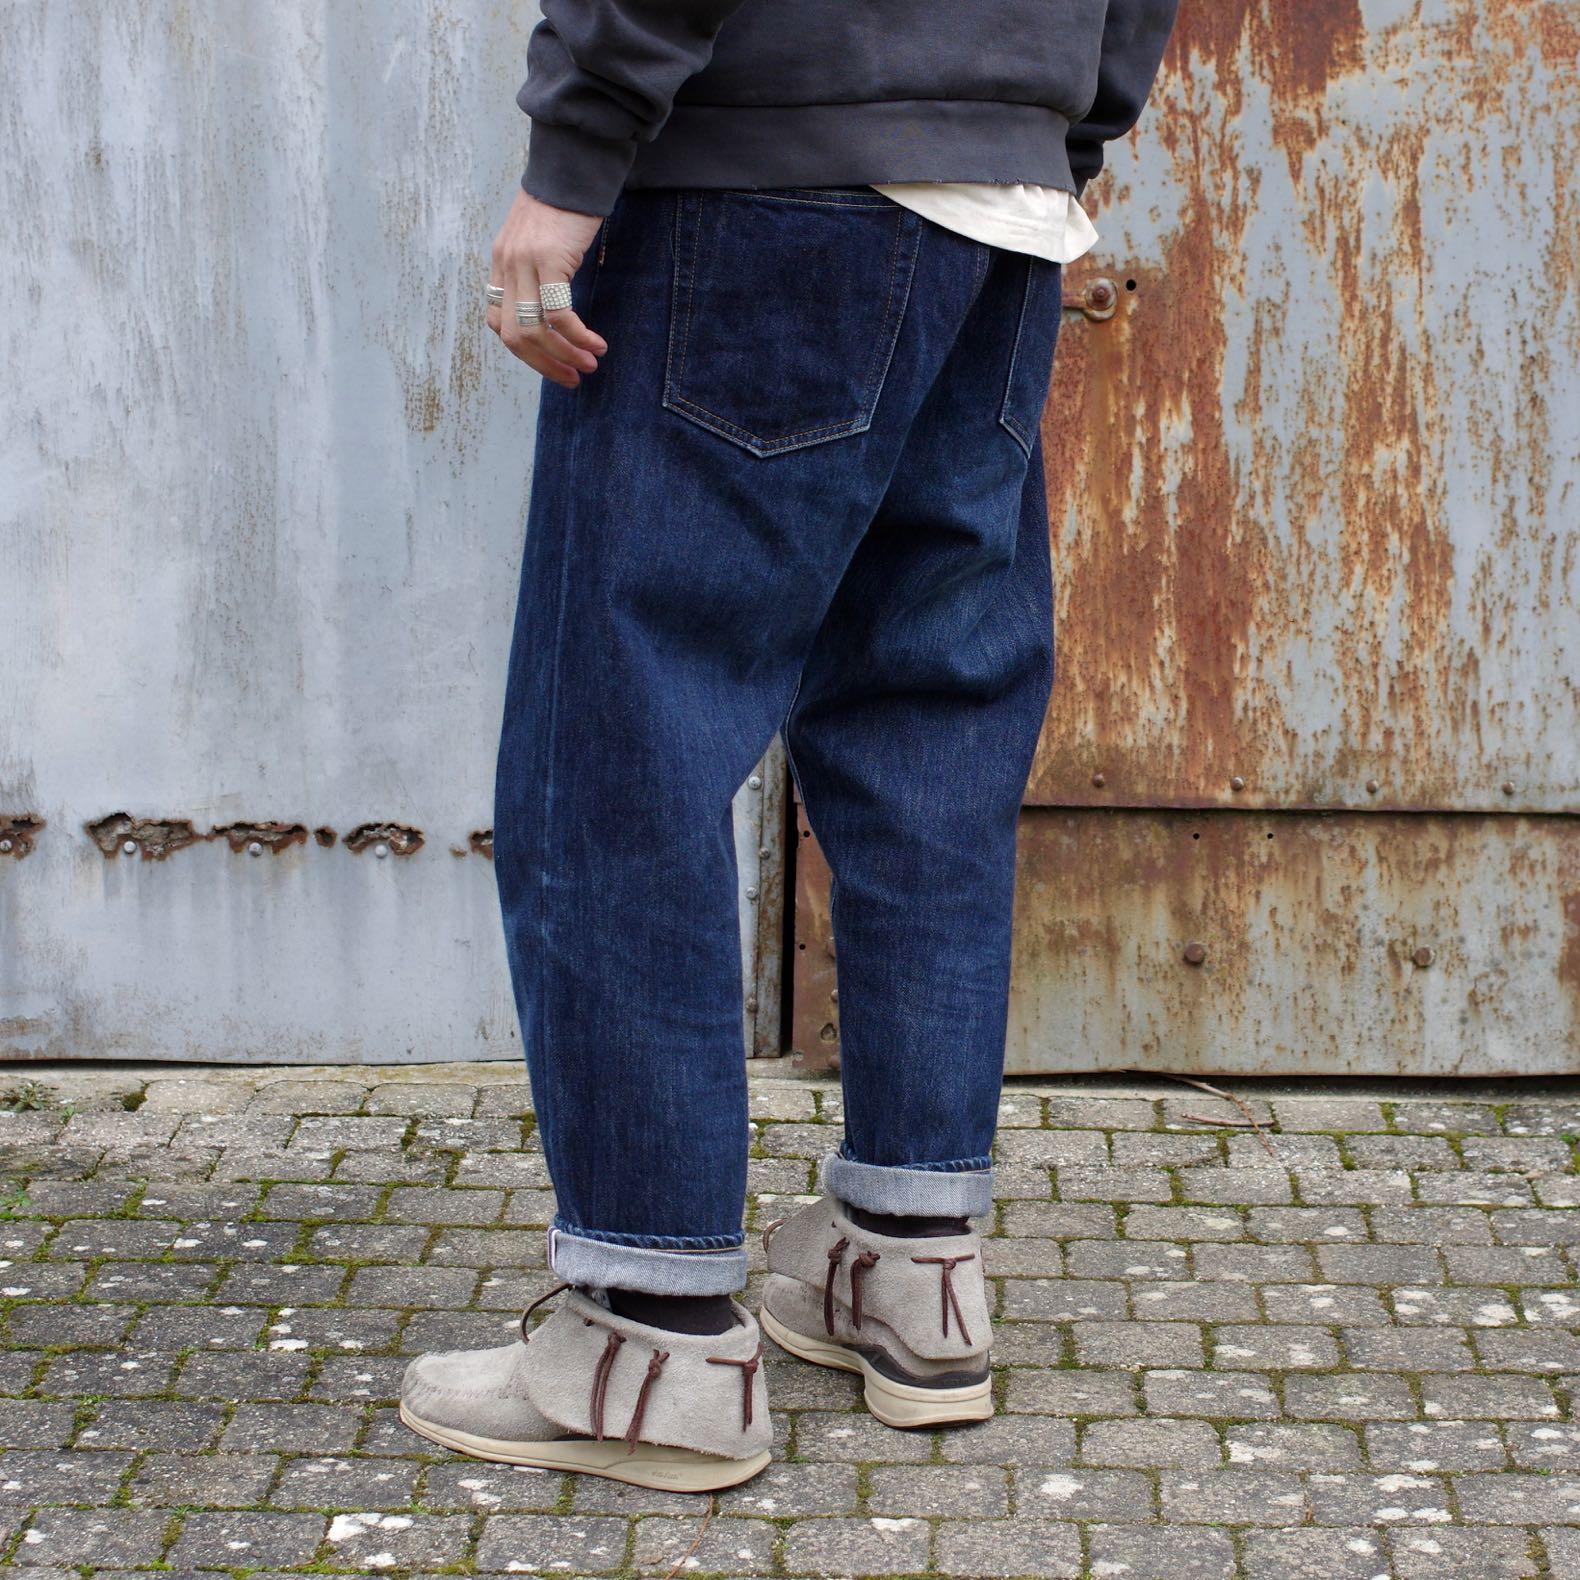 des conseils de style pour homme pour bien porter un jean brut tapered